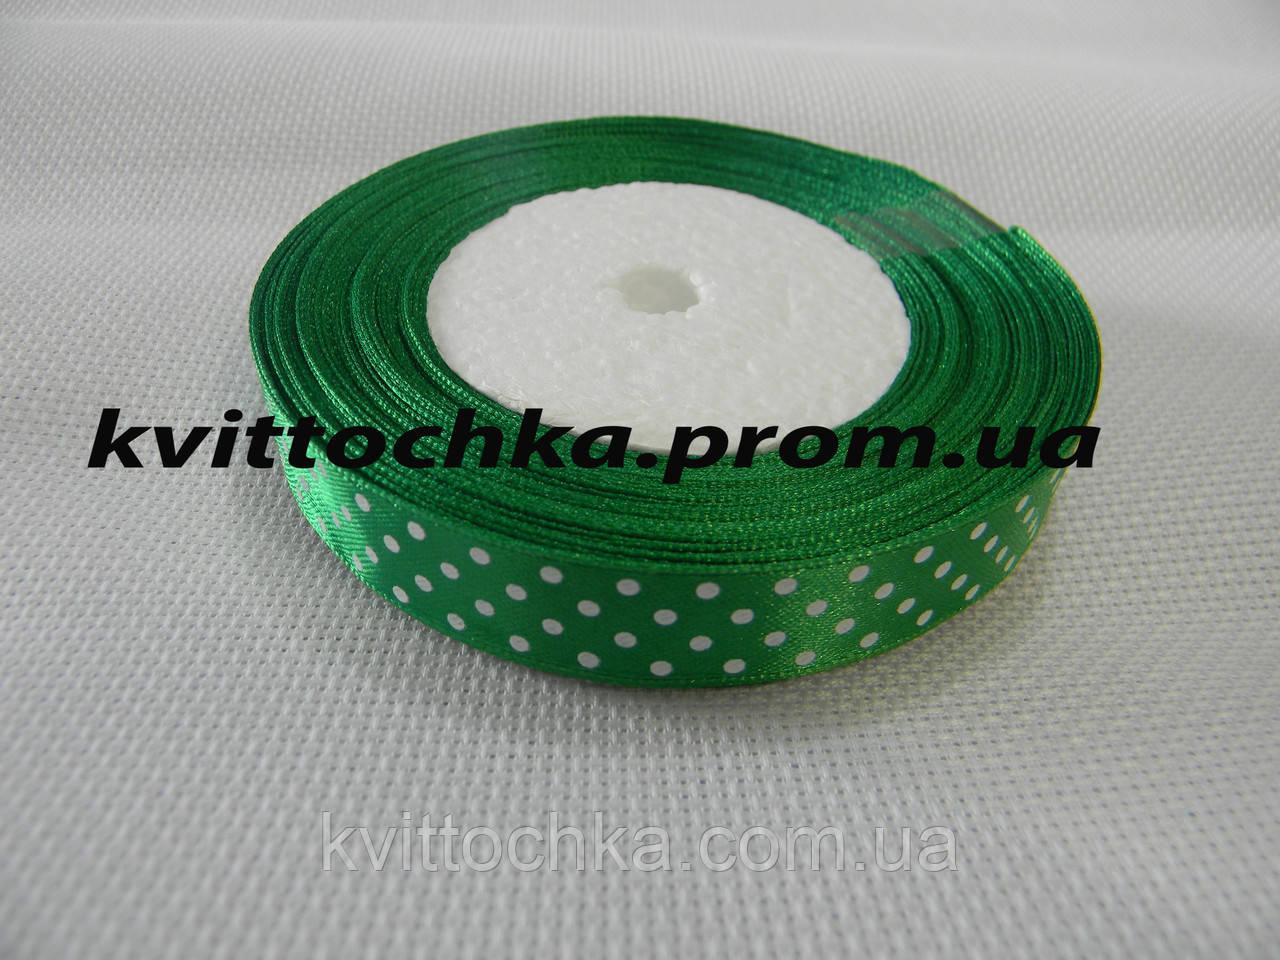 Атласная лента в горошек 1,5 см. (23 м.), цвет - зелёный